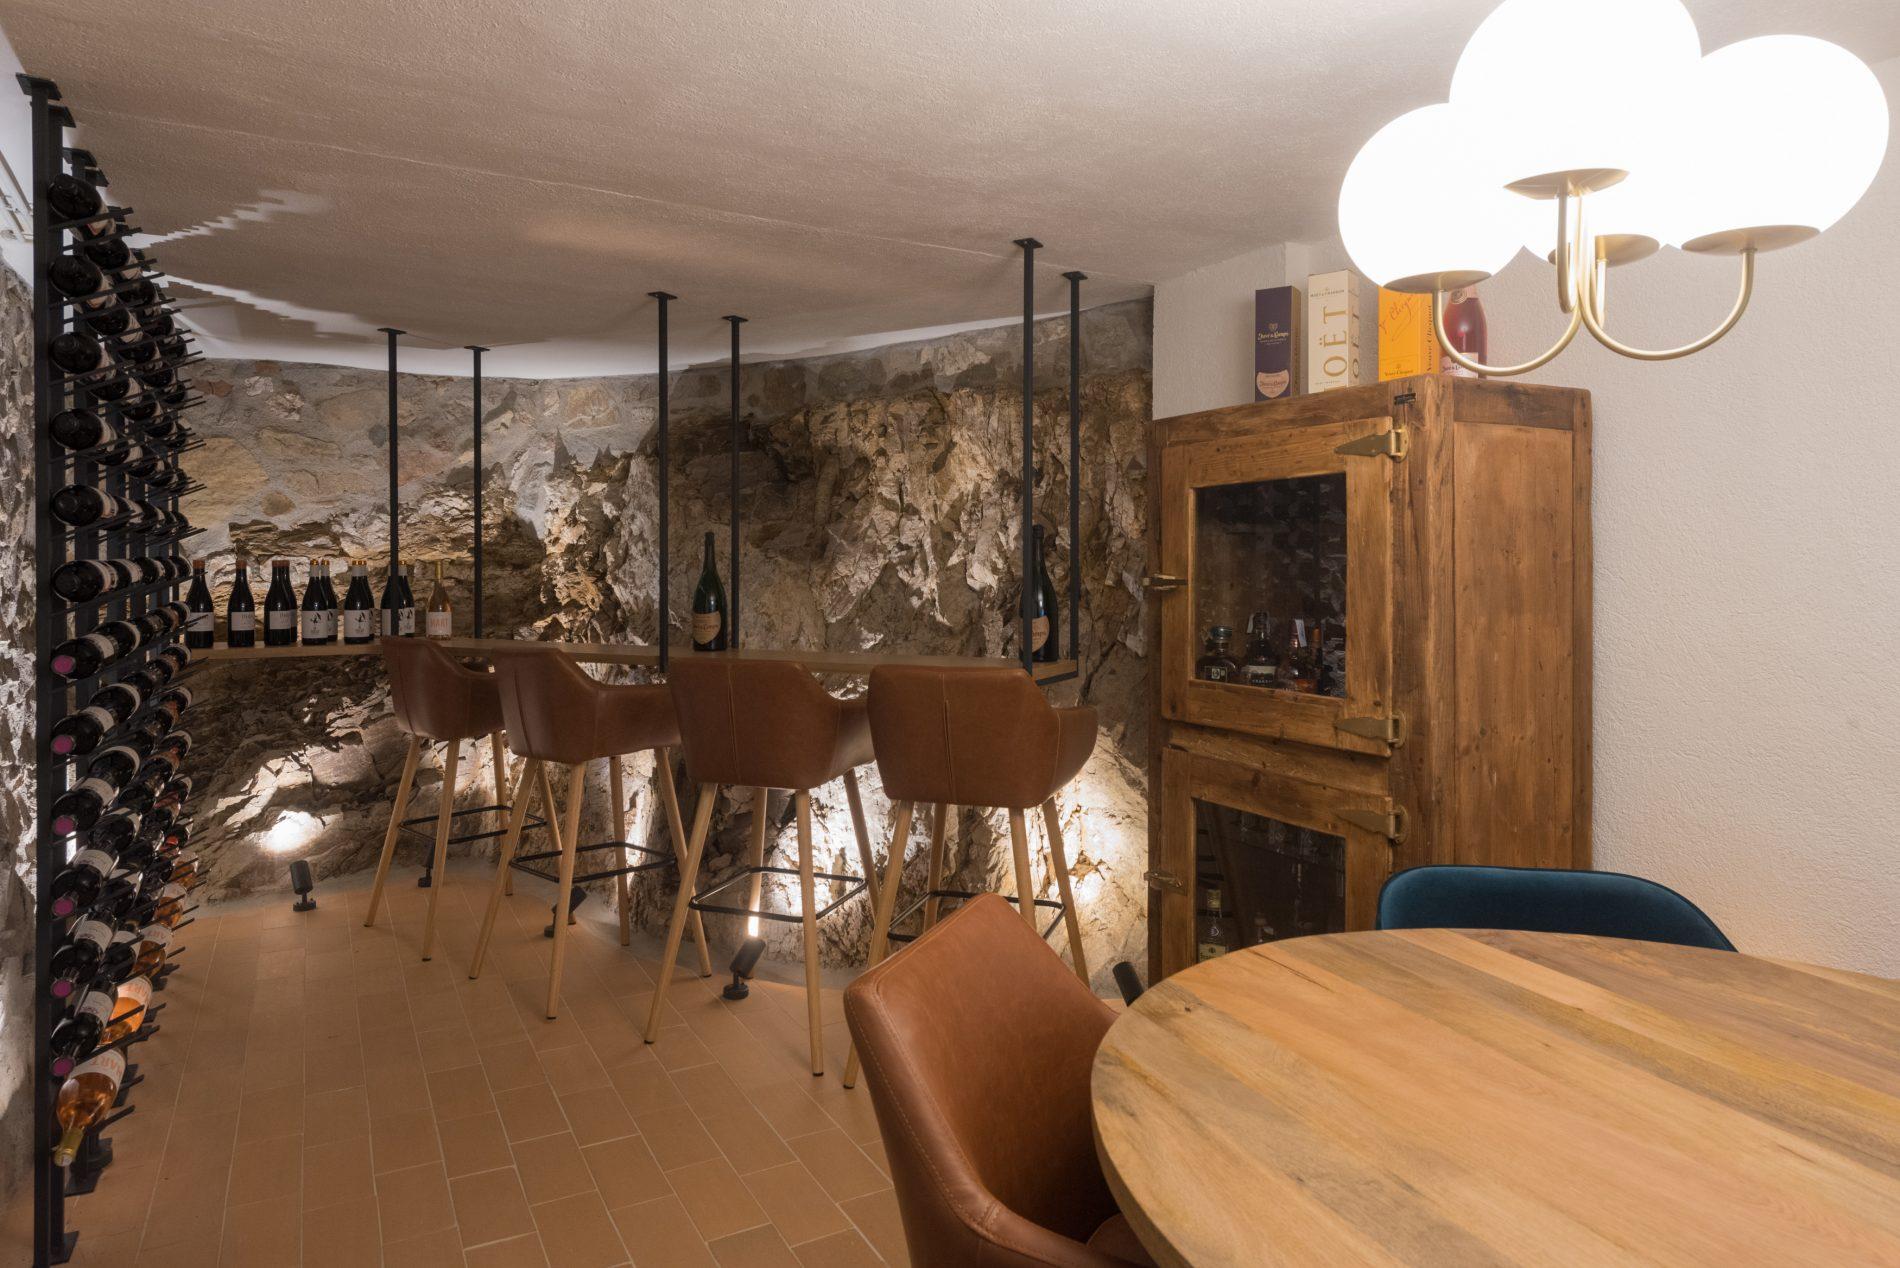 detalls interior La Piconera